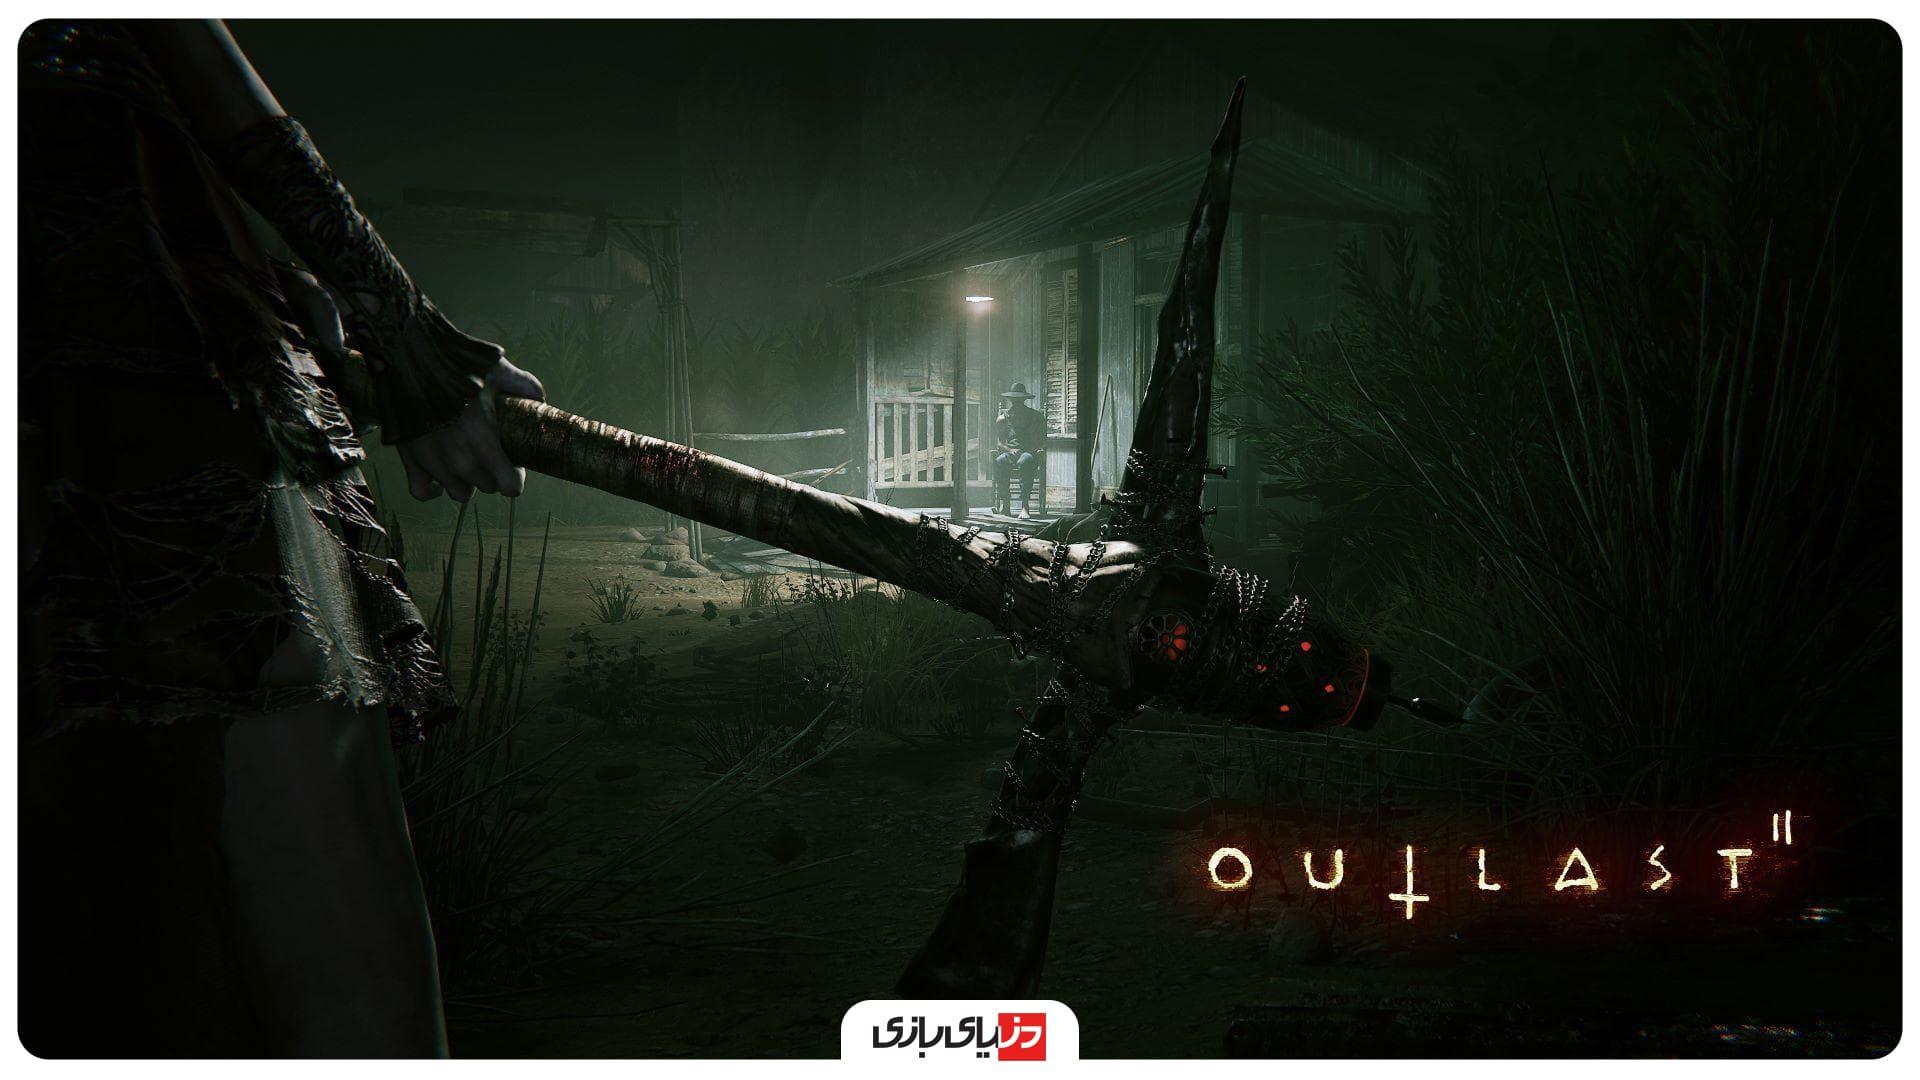 بهترین بازی ترسناک - Outlast 2